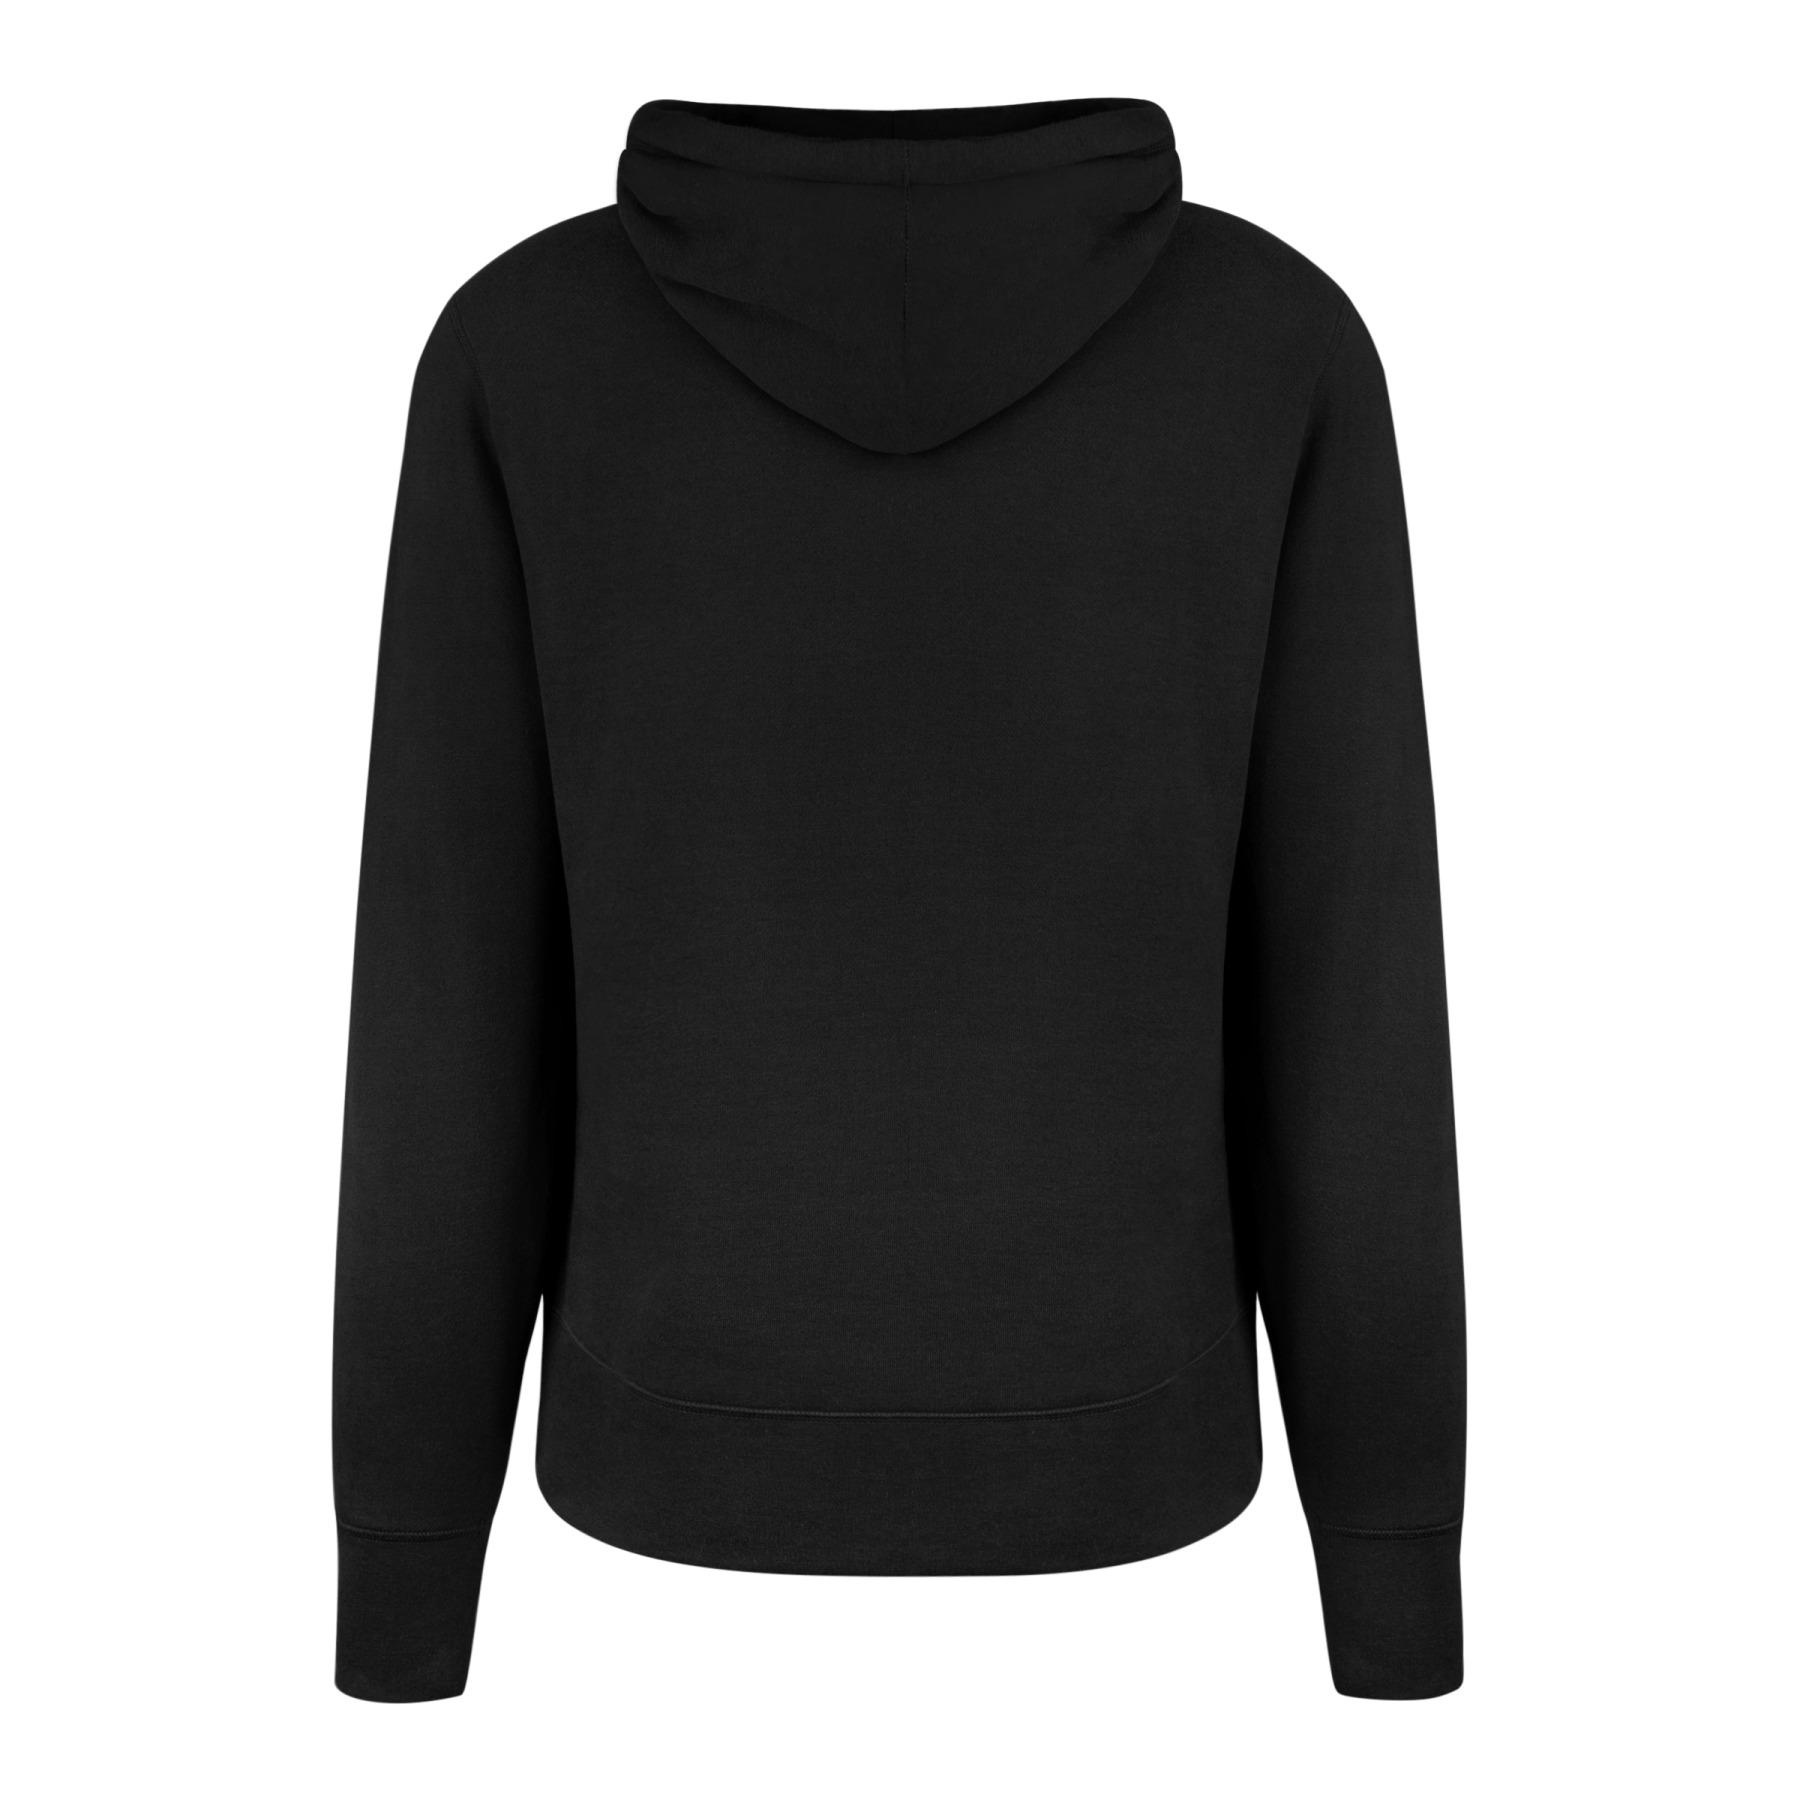 Женская одежда через интернет доставка